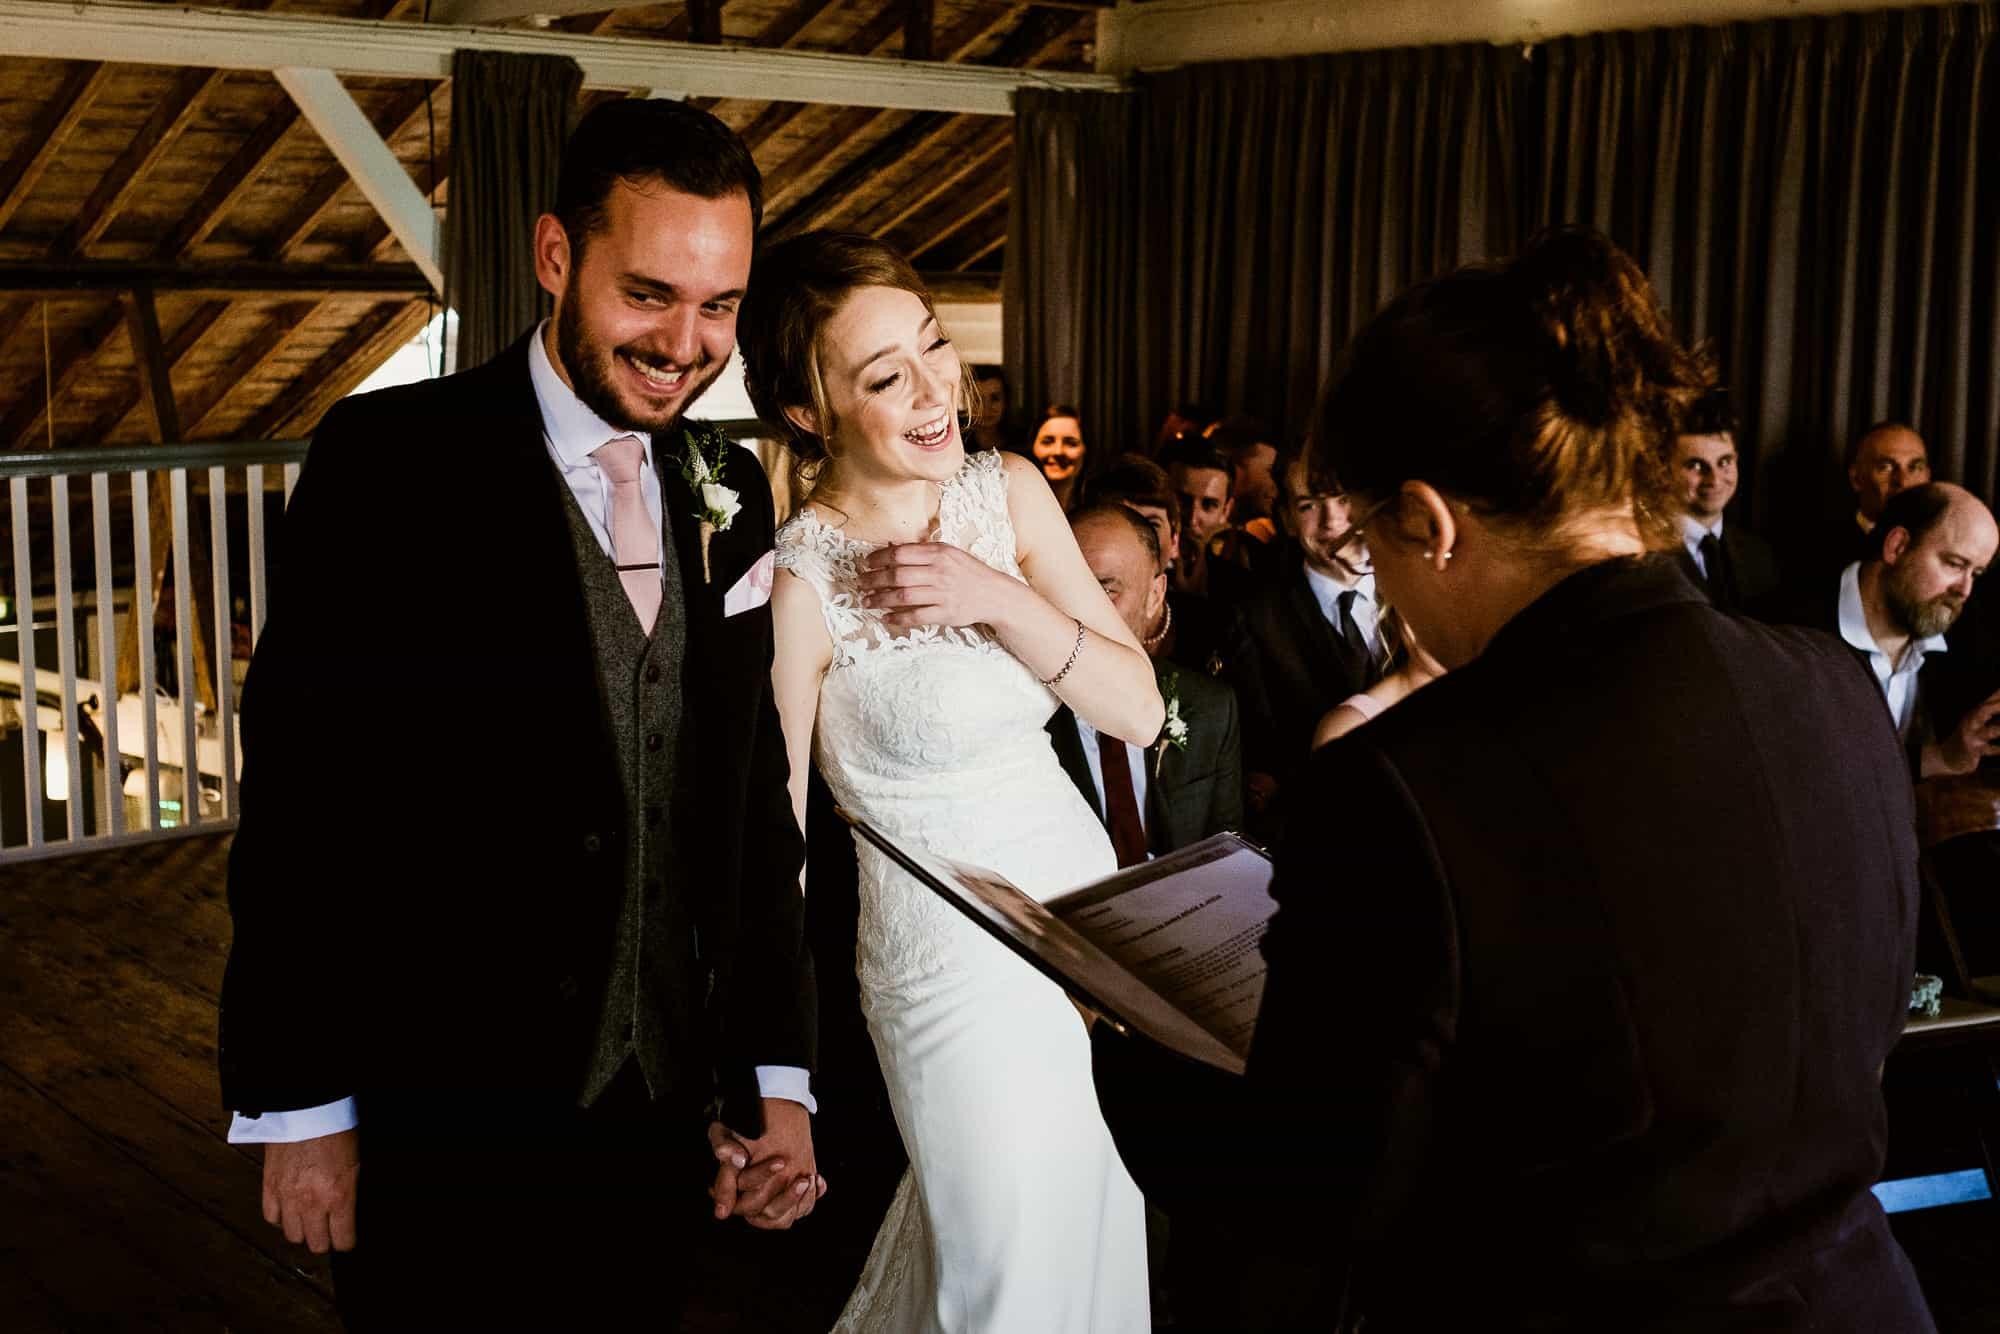 east-quay-wedding-photographer-matt-tyler-0021